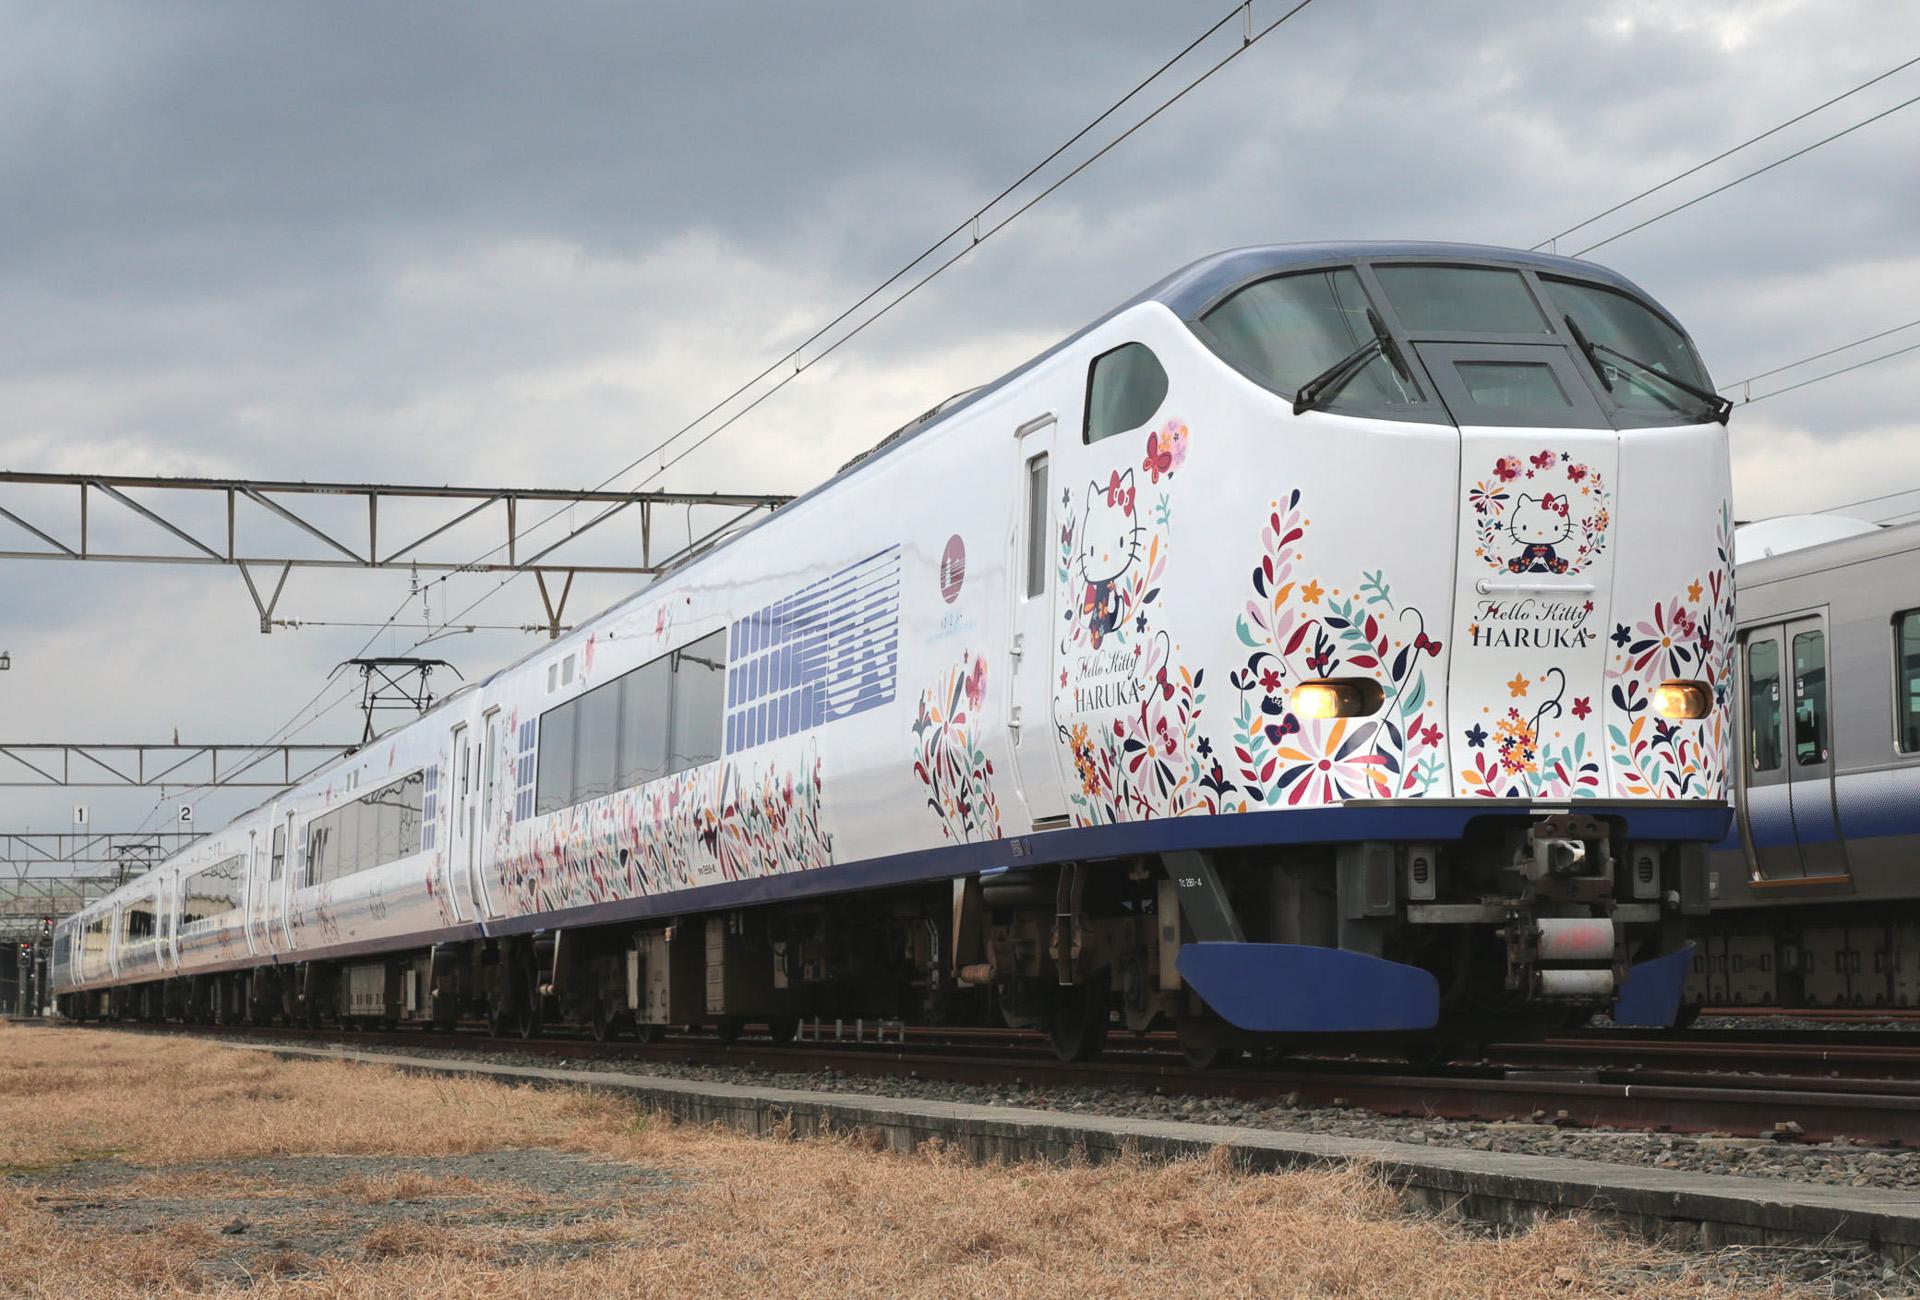 Tren japonés Hello Kitty Haruka_02